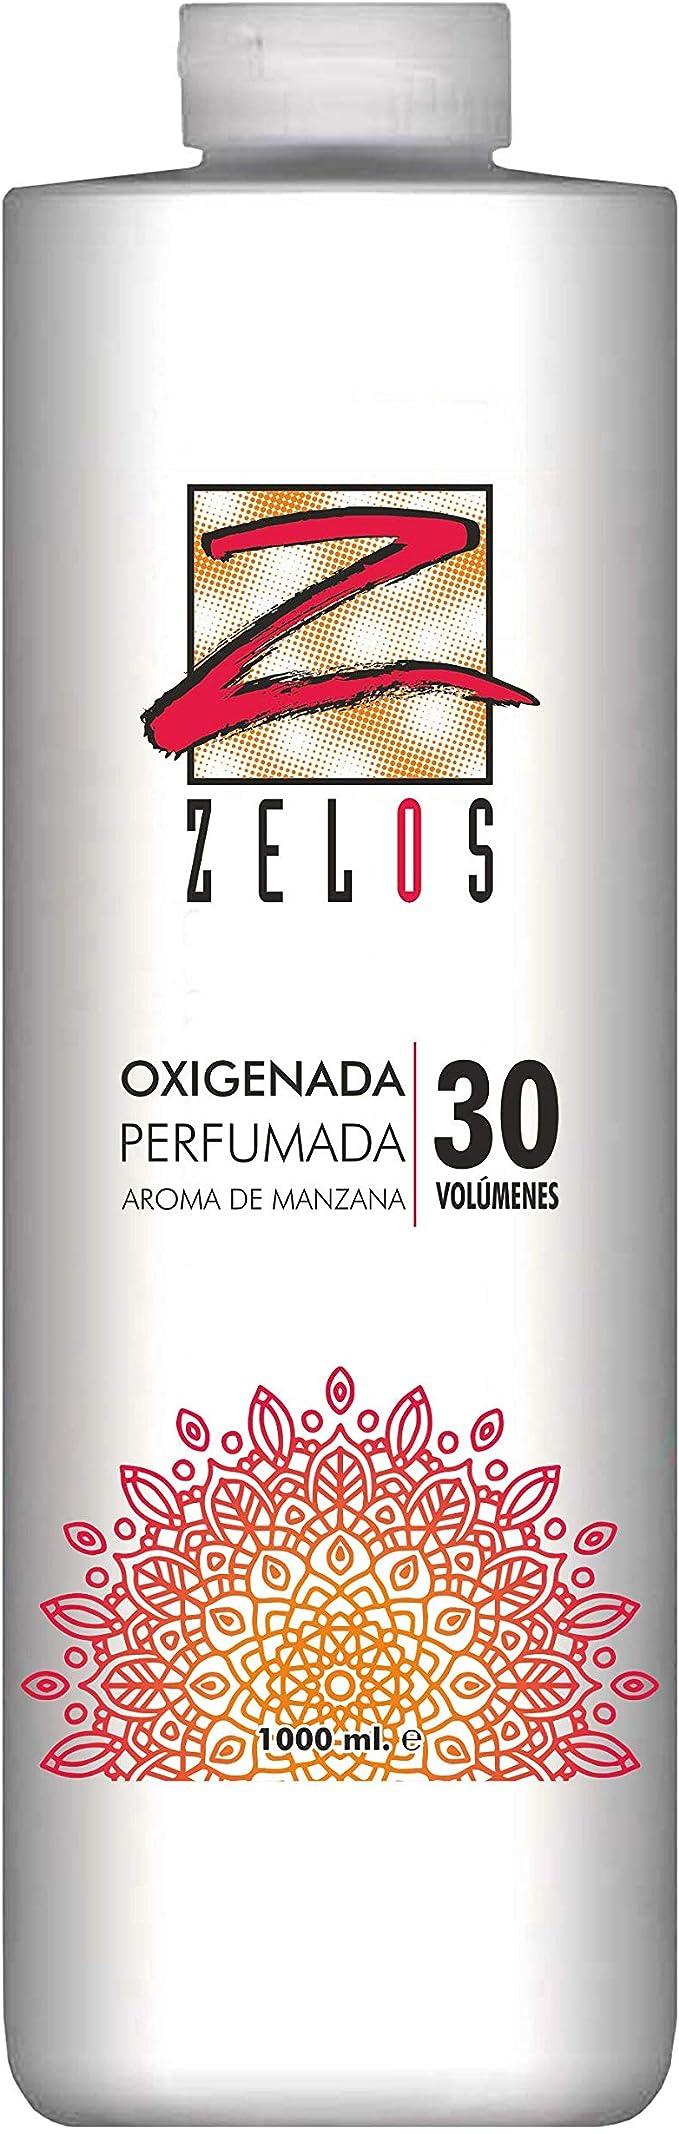 Oxigenada 30 volúmenes - 1000 ml - Aroma de Manzana - Emulsión Oxidante en Crema para Tinte y Decoloración - Da una Textura Sedosa Al Cabello - Uso ...